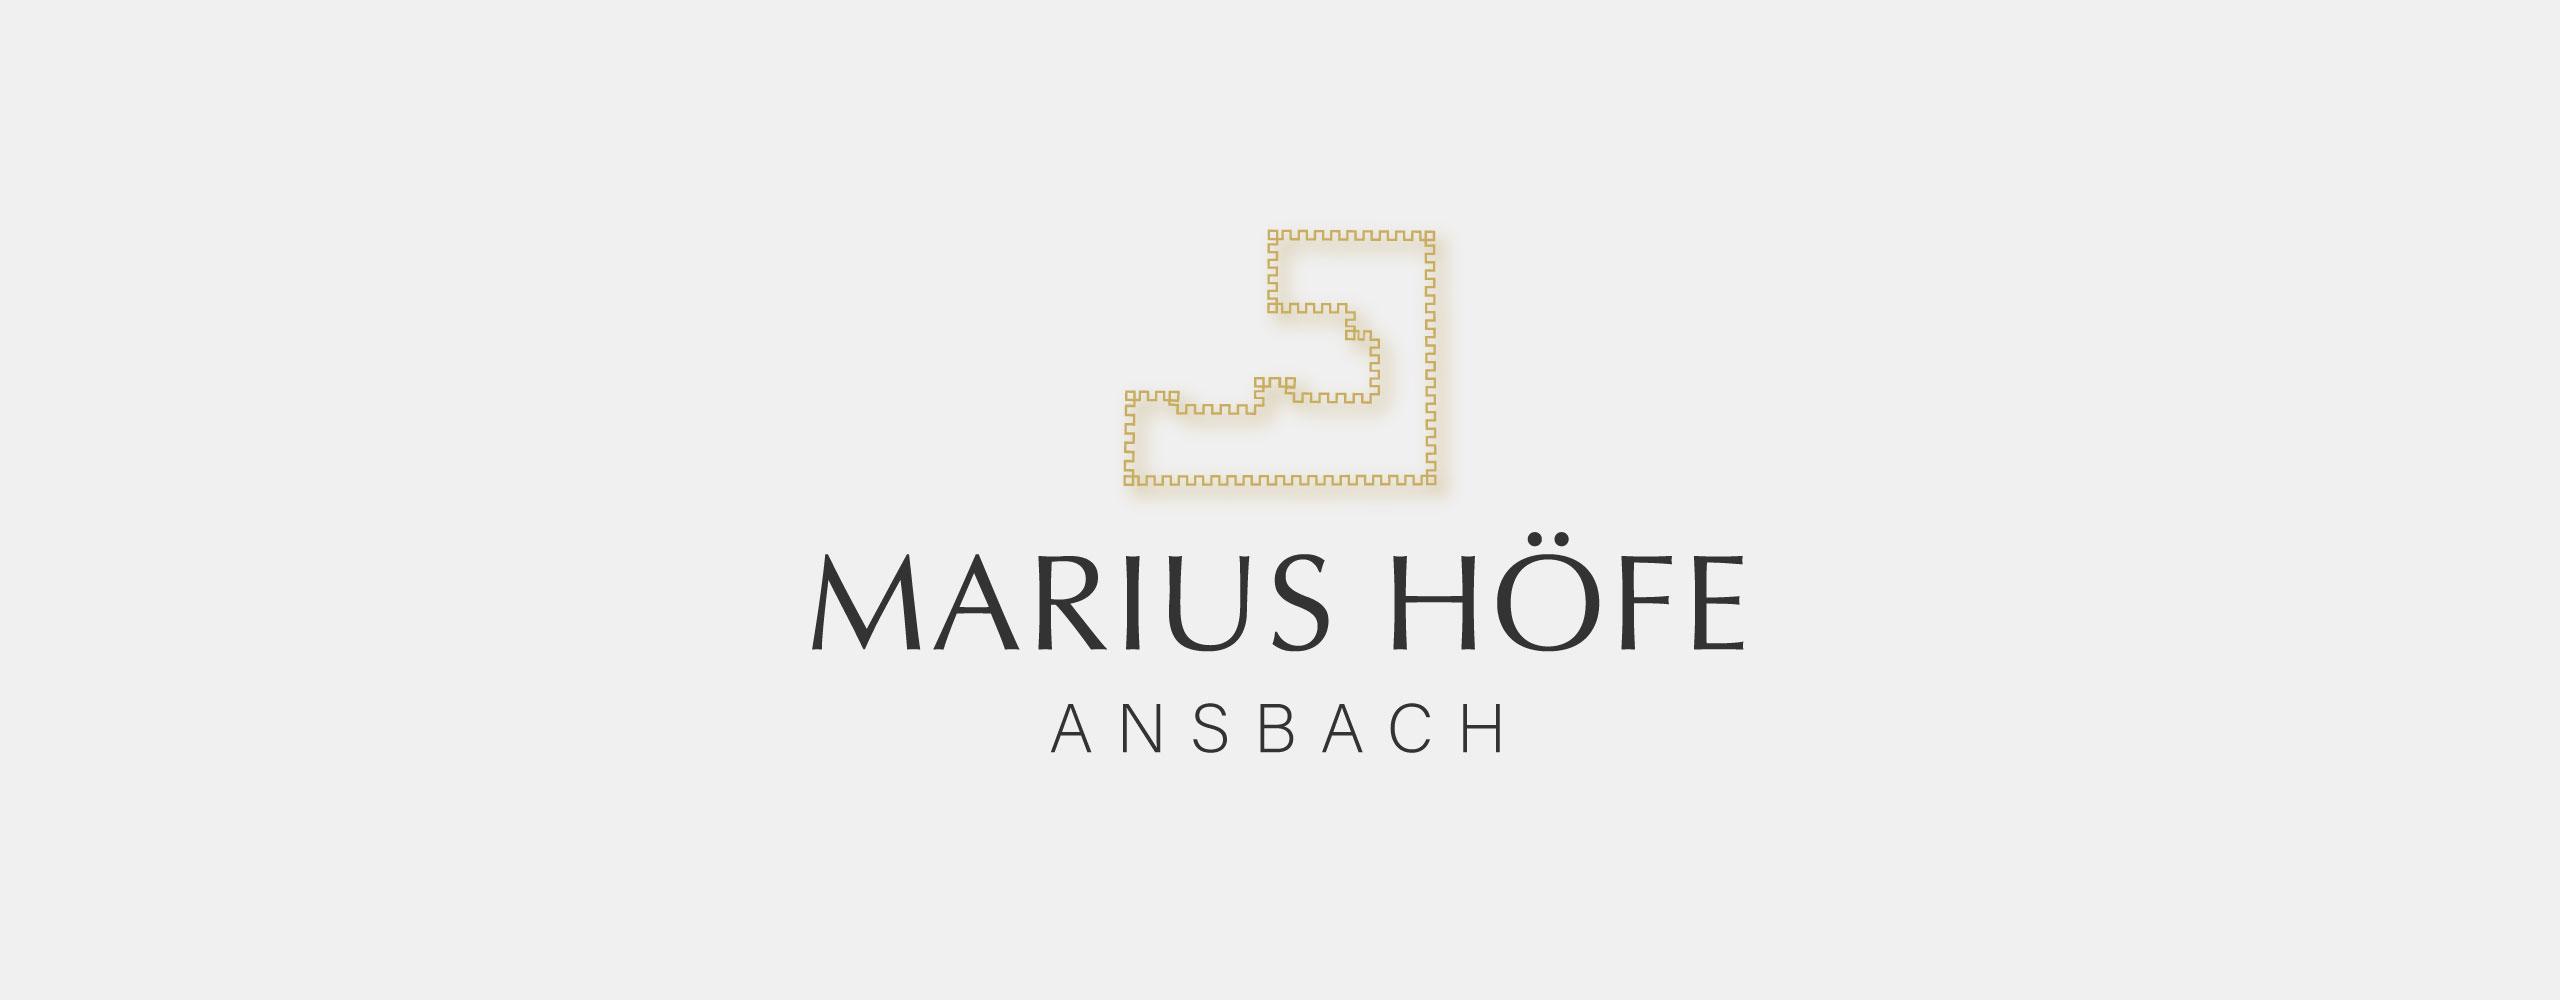 Mehrgeschossiger Holzbau Wohnlösungen Eigentumswohnung Kapitalanlage Zimmerei Mohr Mohrholzhaus